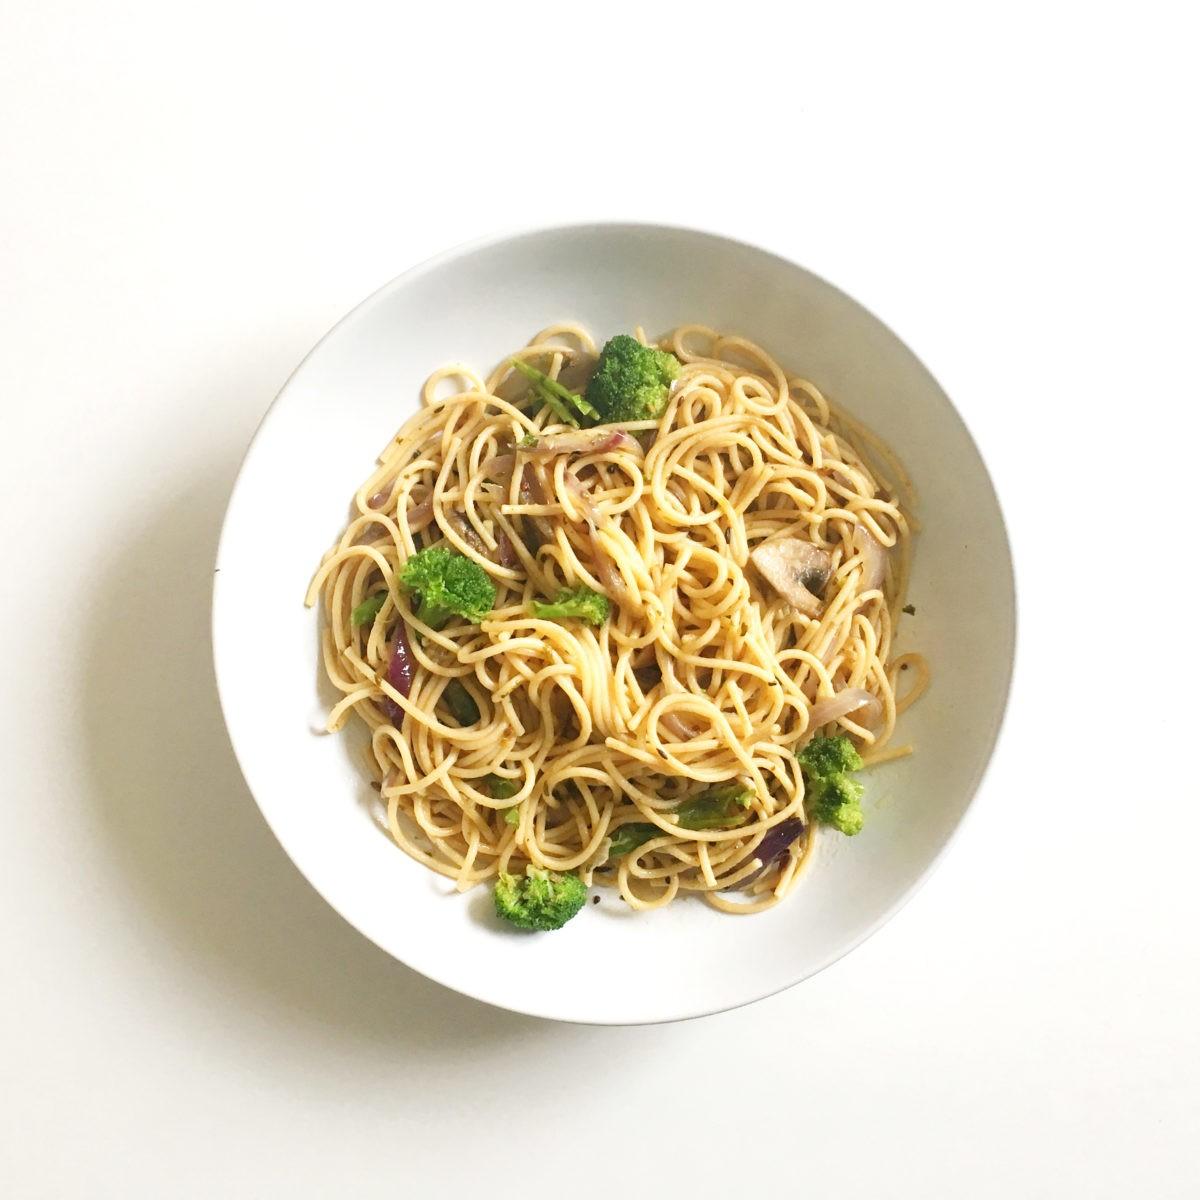 Picture of Pasta-Cilantro-Broccoli-Mushroom-Sasya